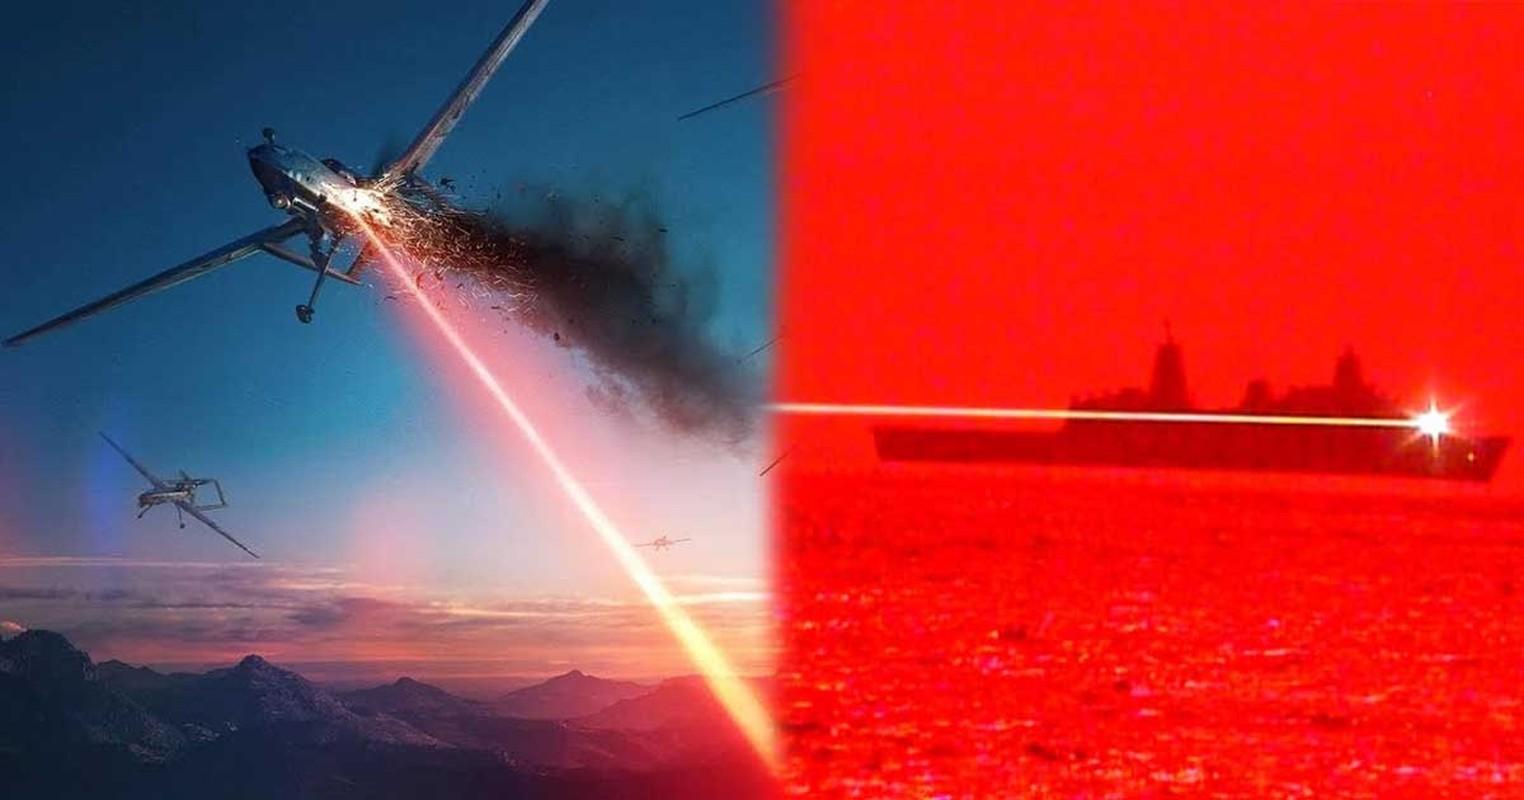 Qua so Trung Quoc, My cuong cuong phat trien vu khi laser-Hinh-16